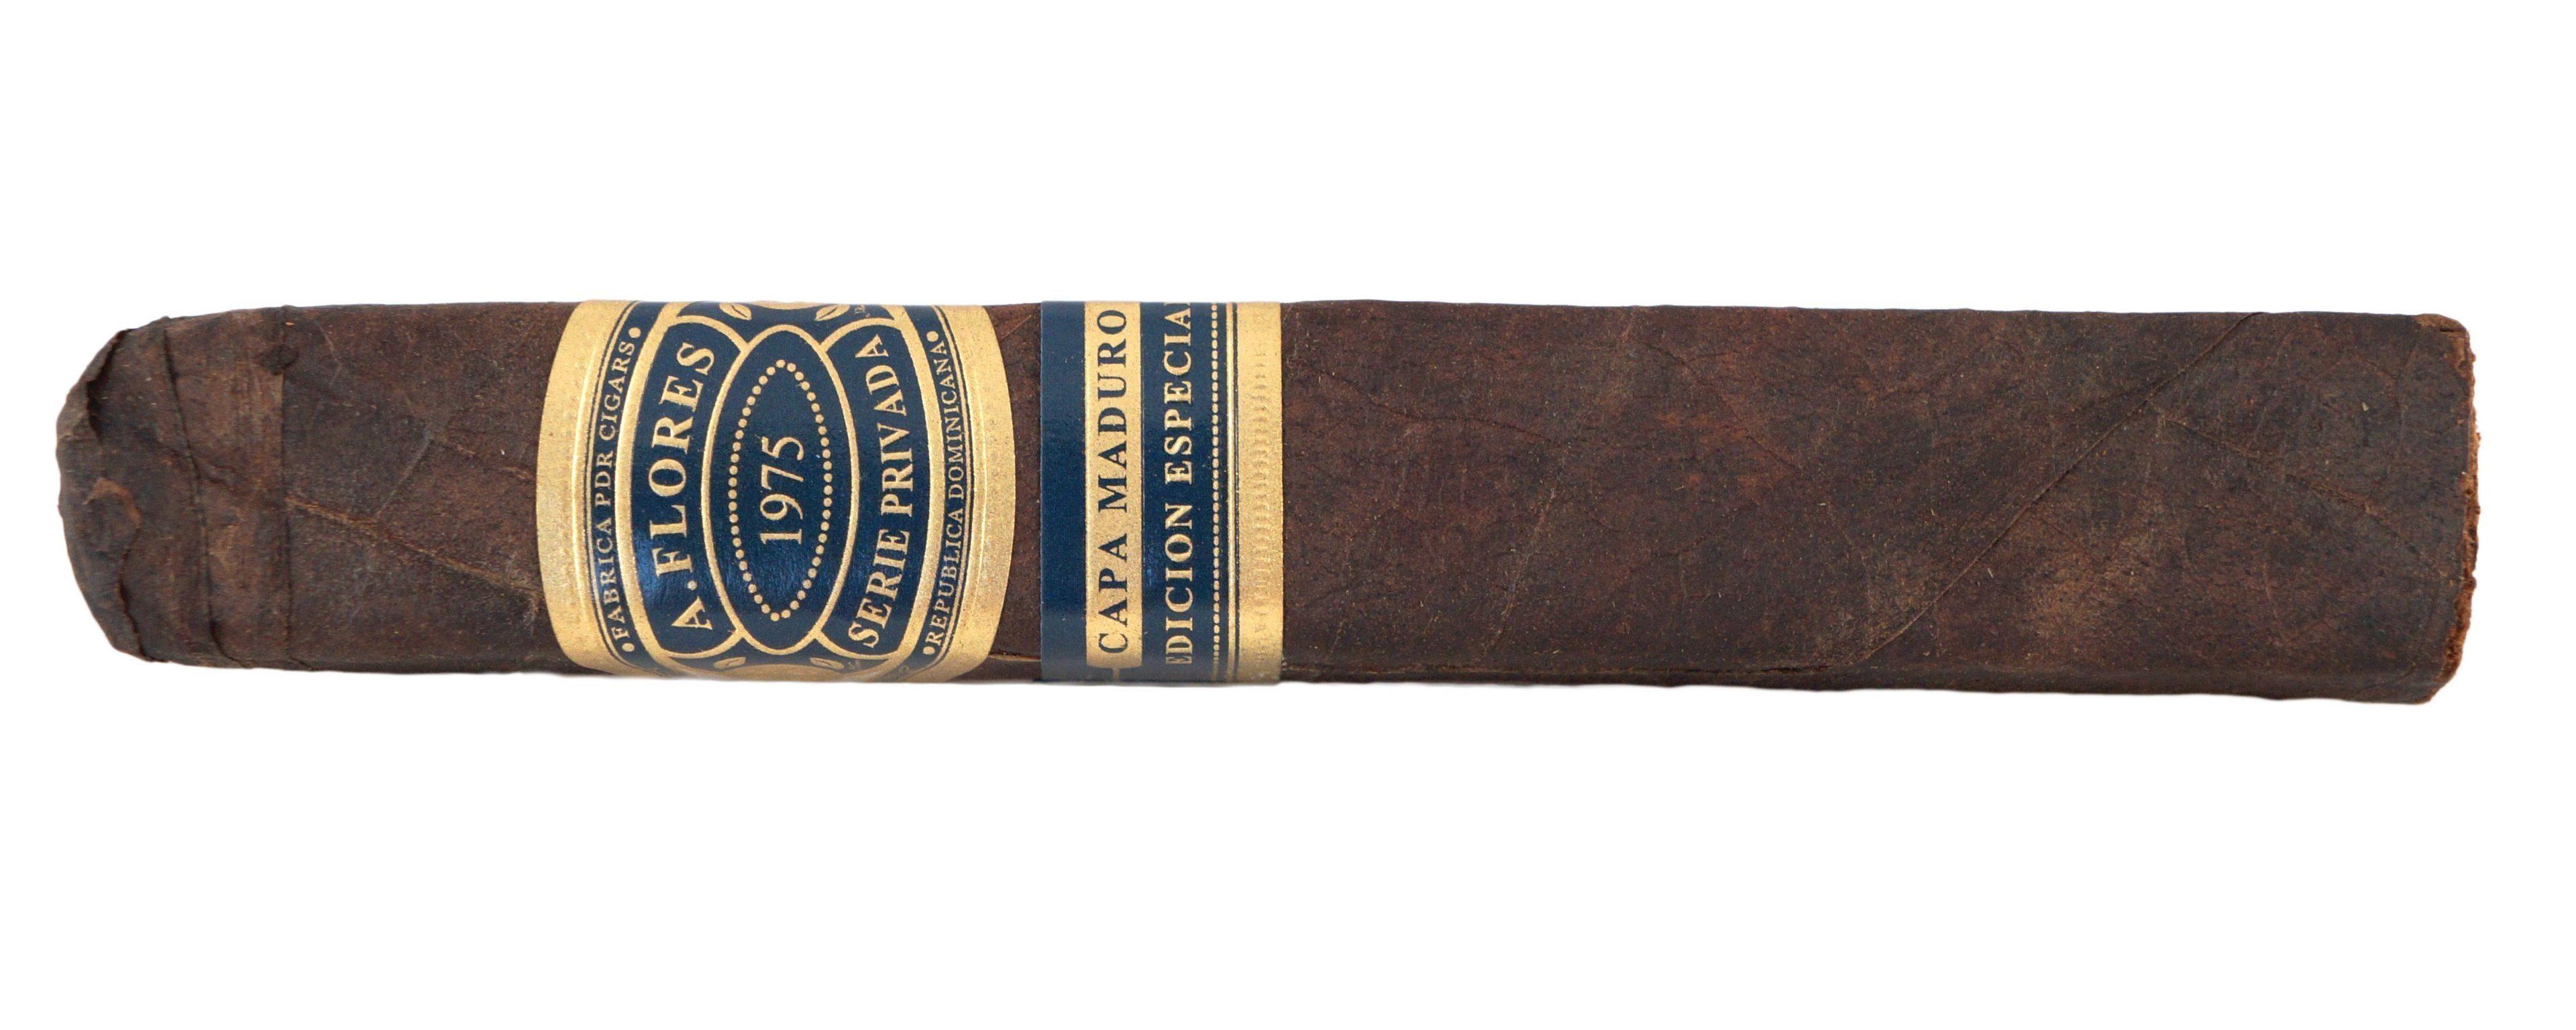 Blind Cigar Review: A. Flores | 1975 Serie Privada Capa Maduro SP52